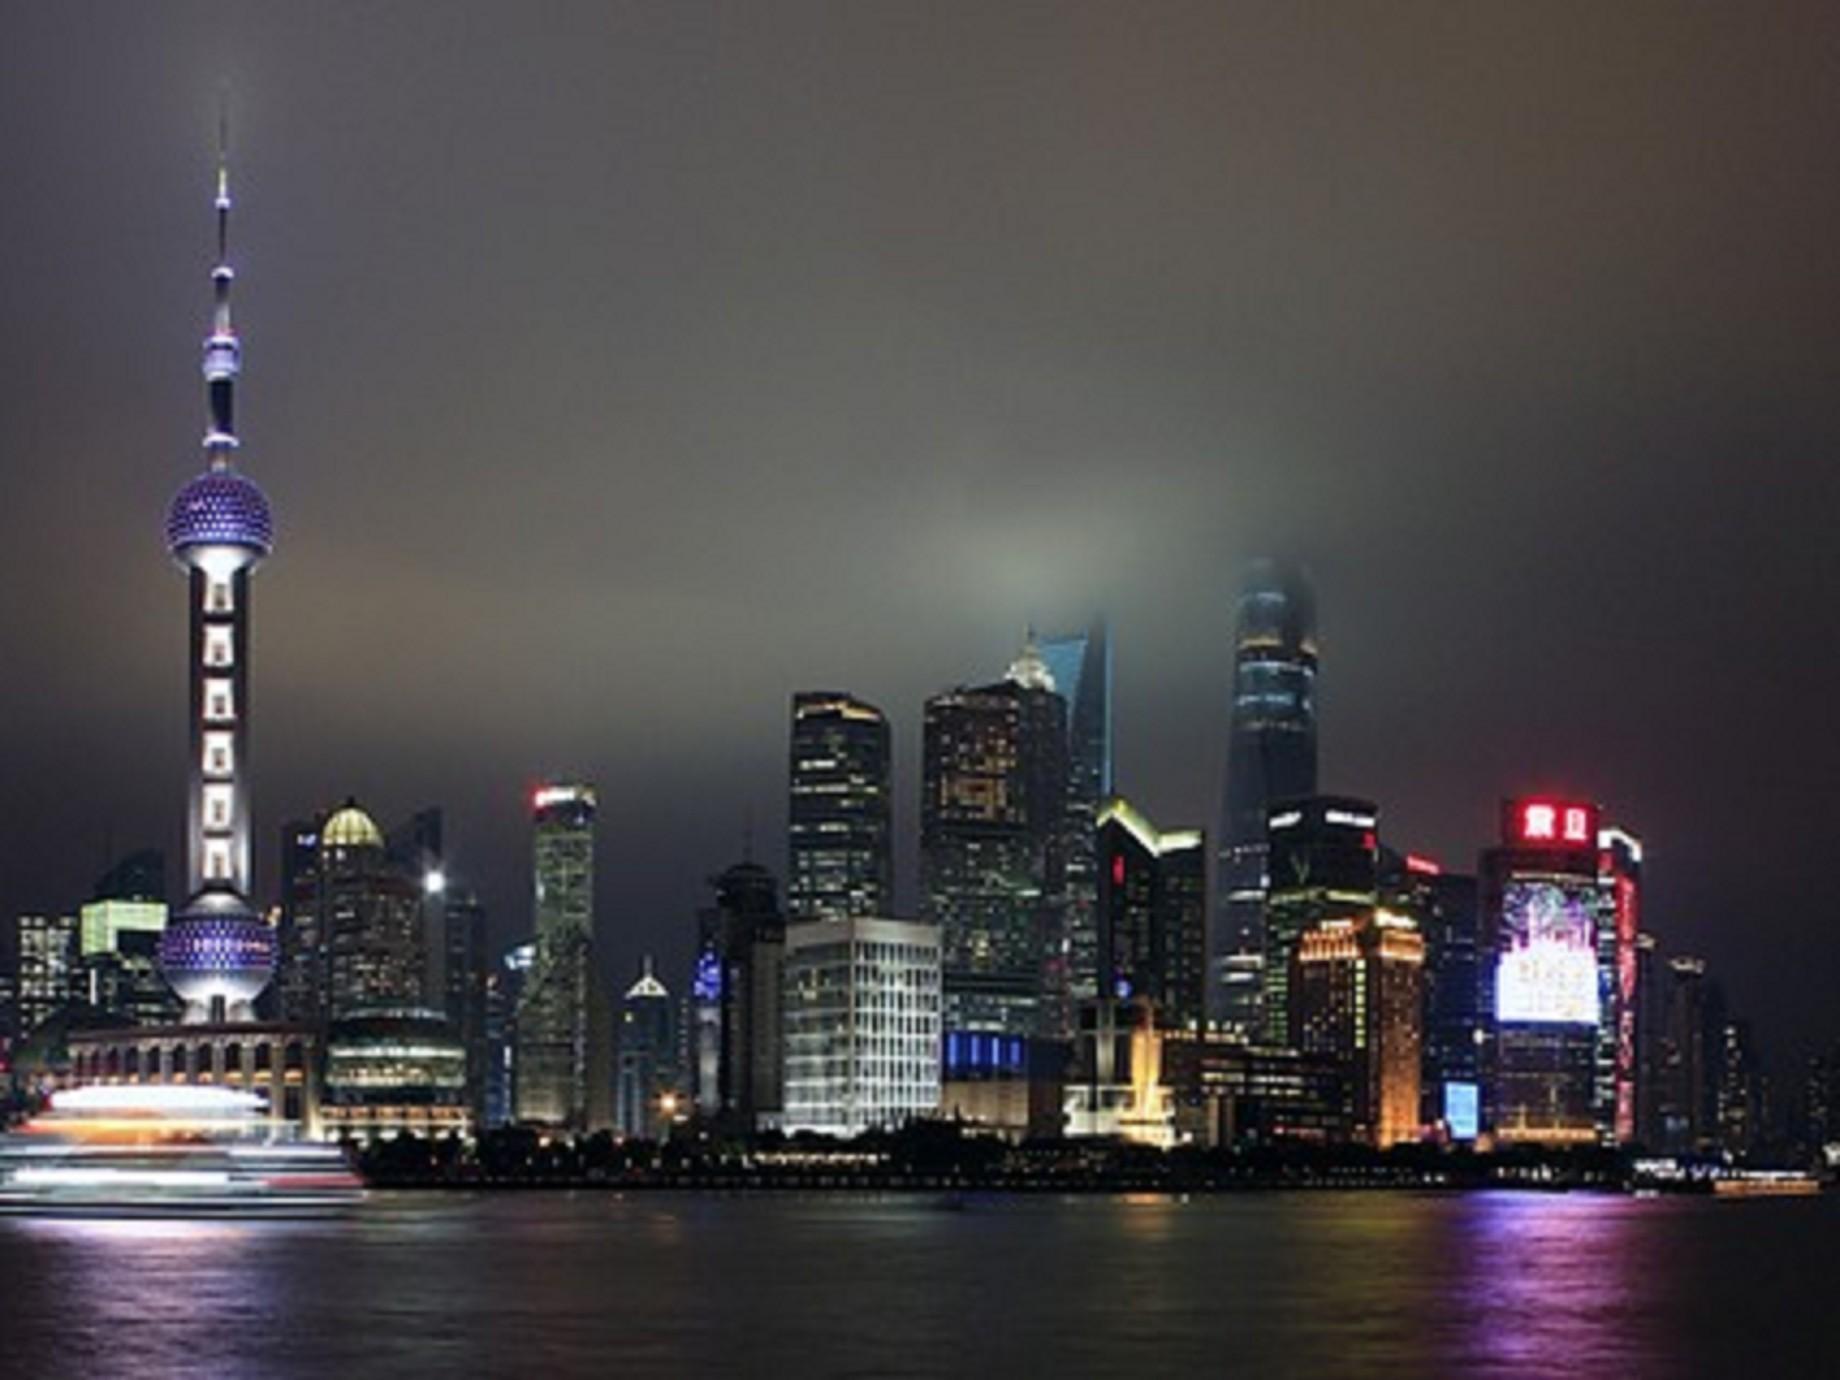 手機App與生活雙城記一: 一個App在手就能過一天,中國手機用戶的日常